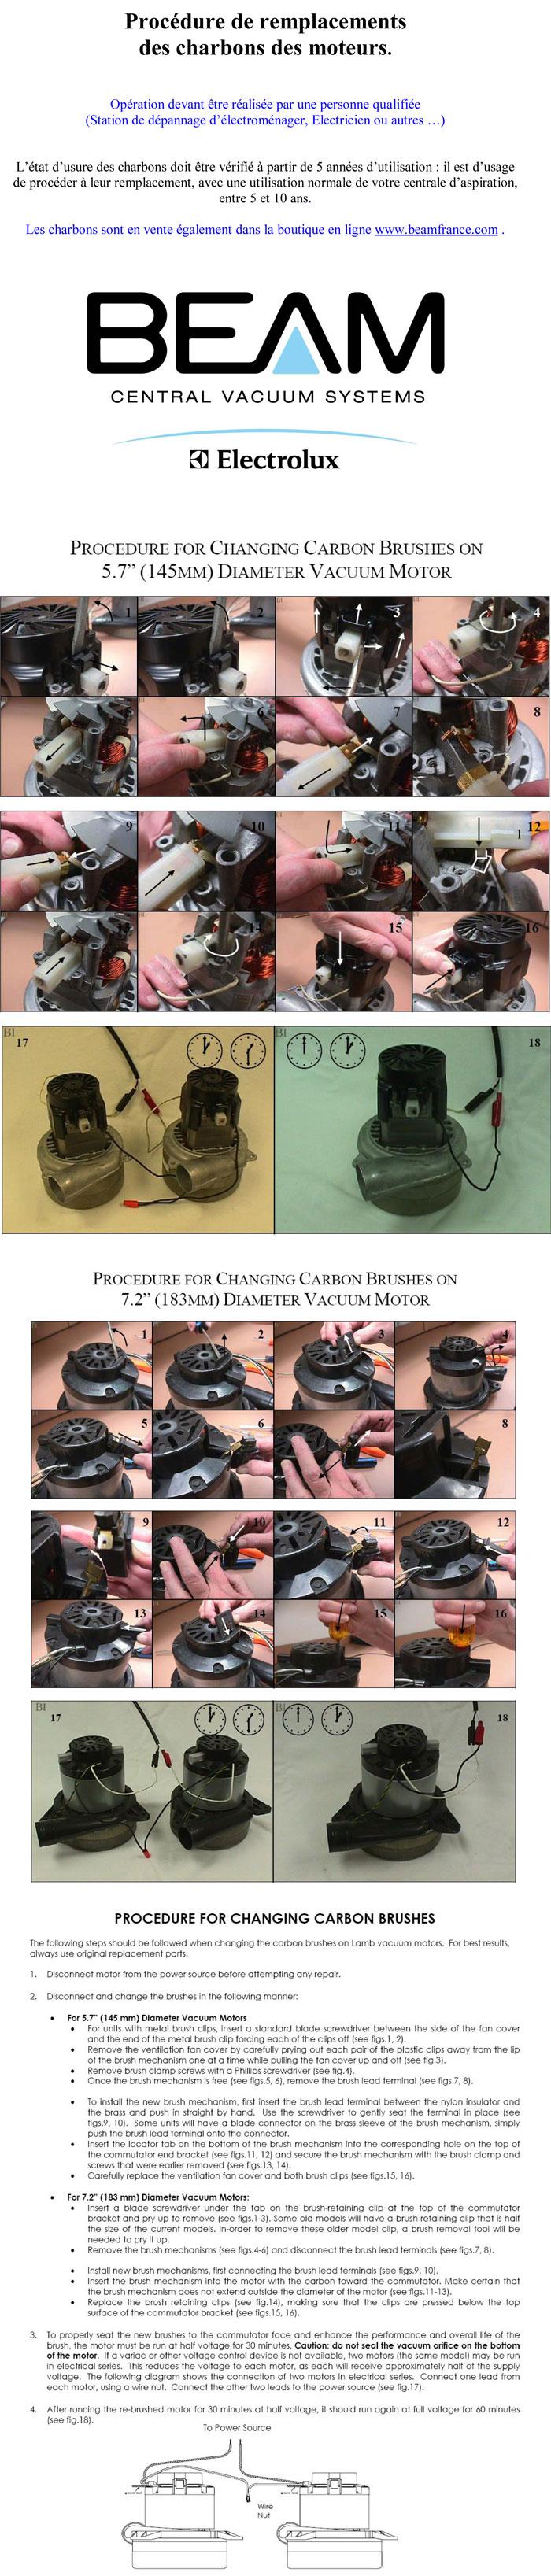 procédure remplacement charbon